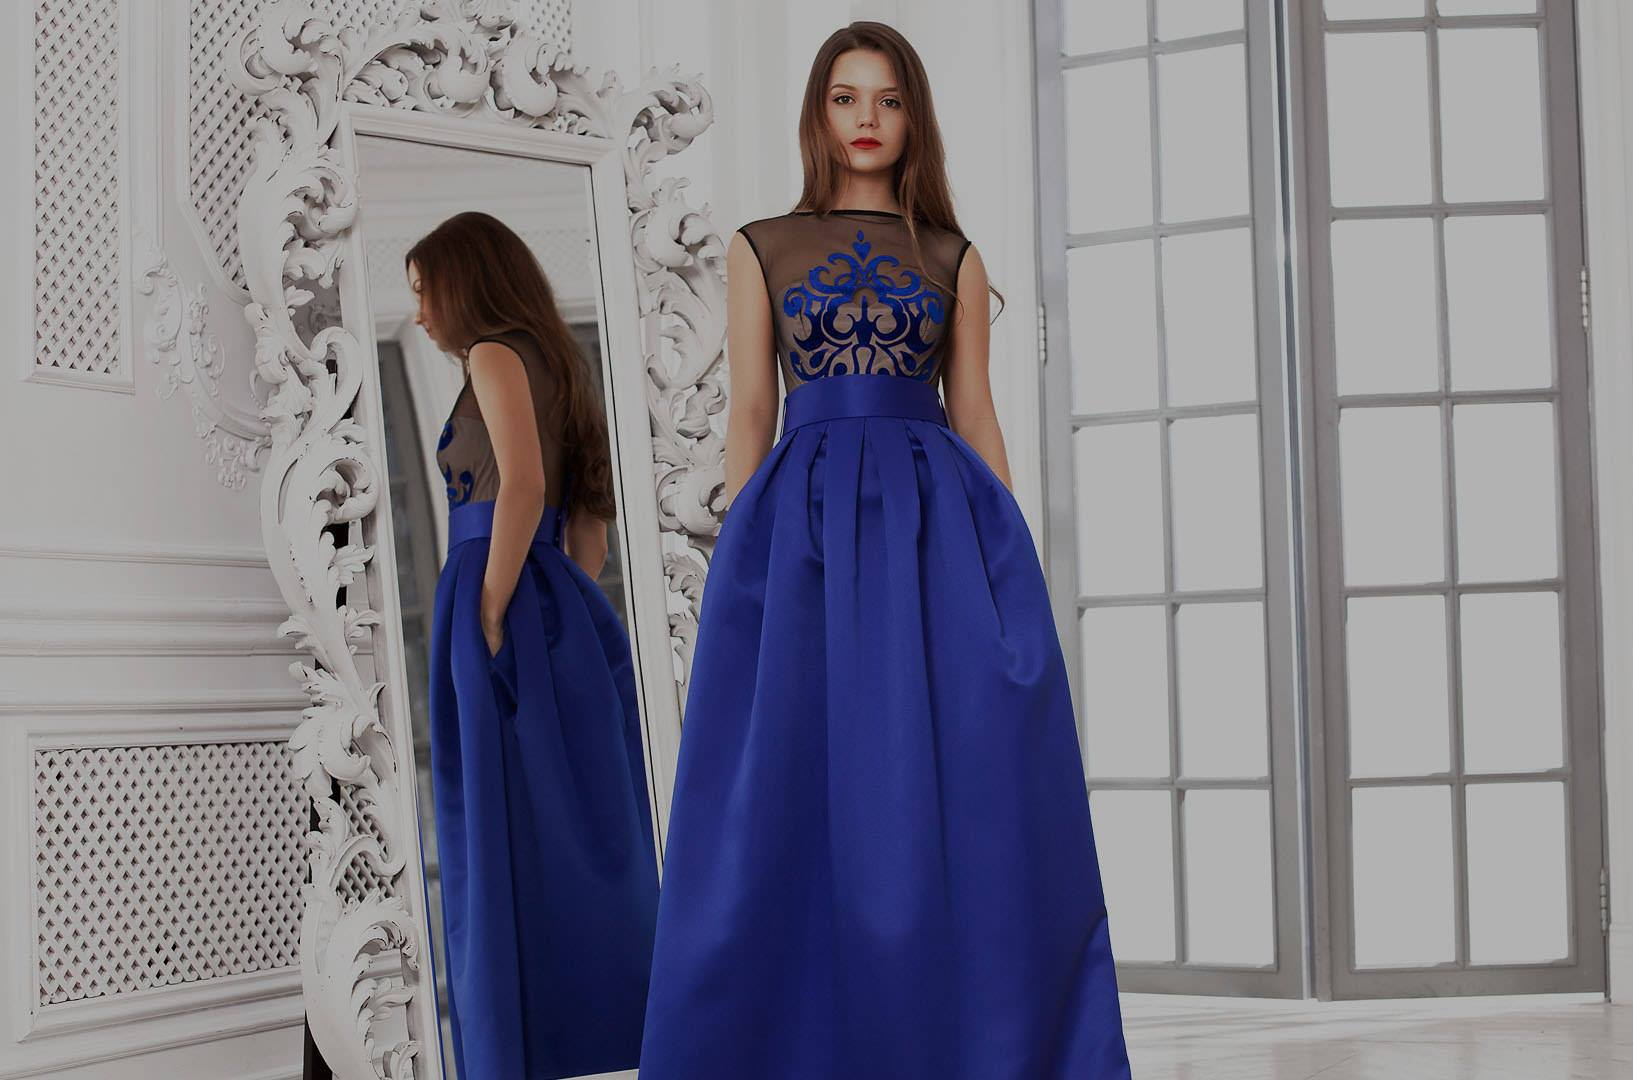 40b95e2e6eaef3b Как выбрать красивое вечернее платье - Моя газета | Моя газета